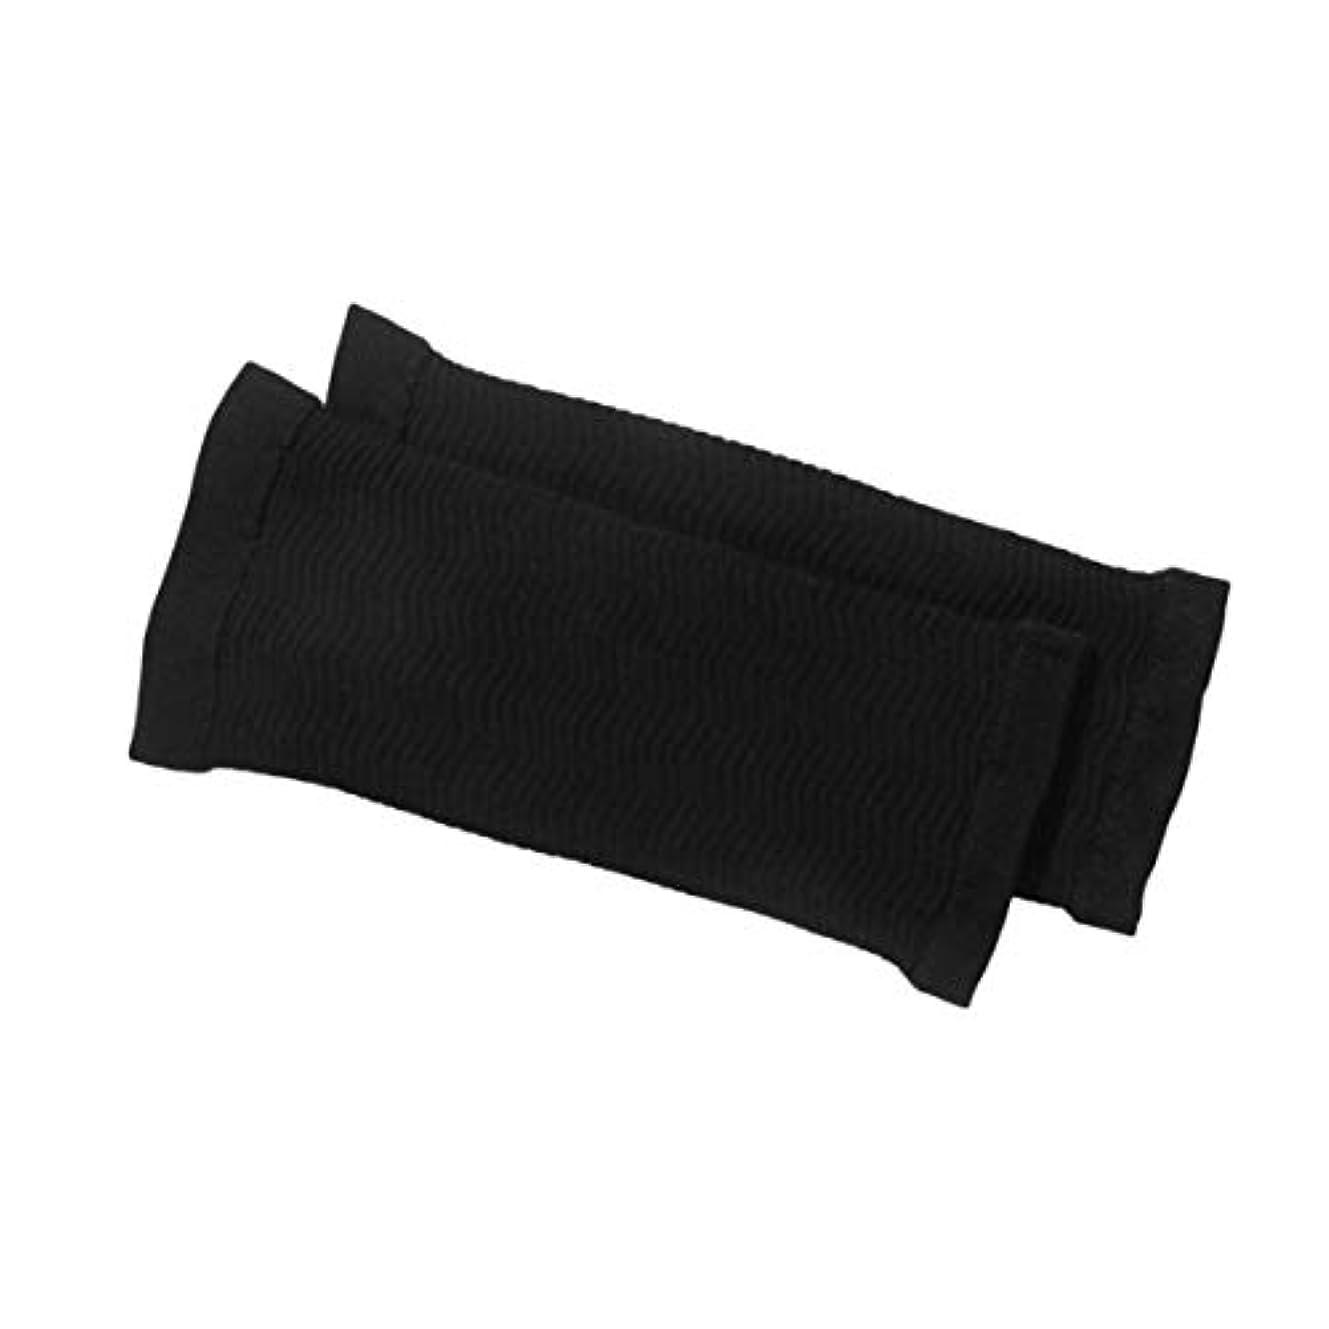 もちろんフィルタクラッシュ1ペア420 D圧縮痩身アームスリーブワークアウトトーニングバーンセルライトシェイパー脂肪燃焼袖用女性 - 黒